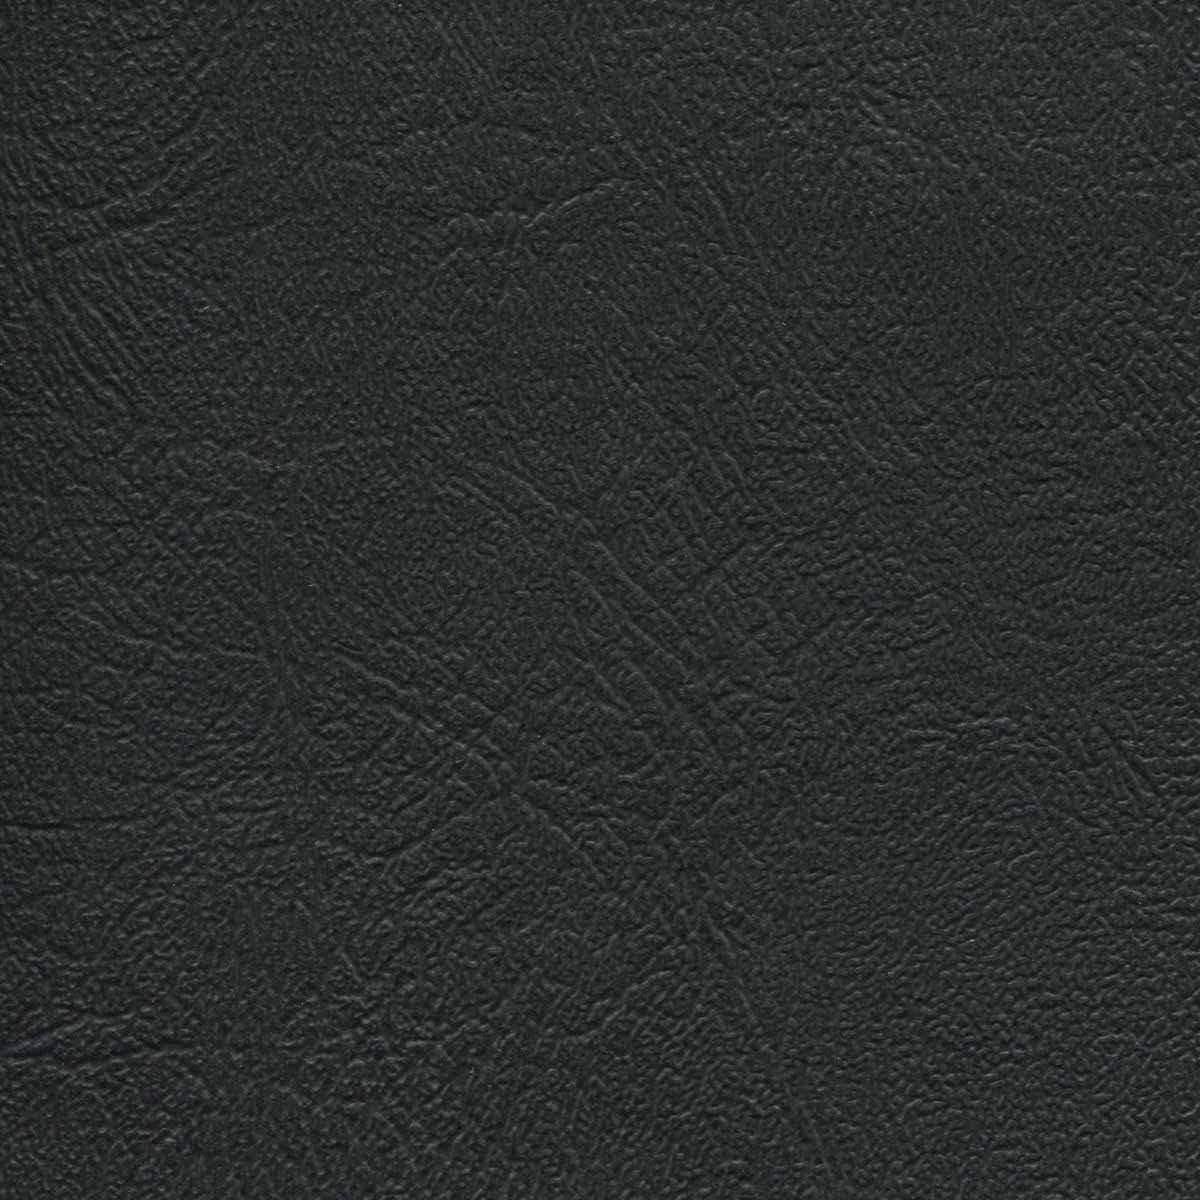 Vinyl Upholstery Fabric Black Sample Commercia x 3